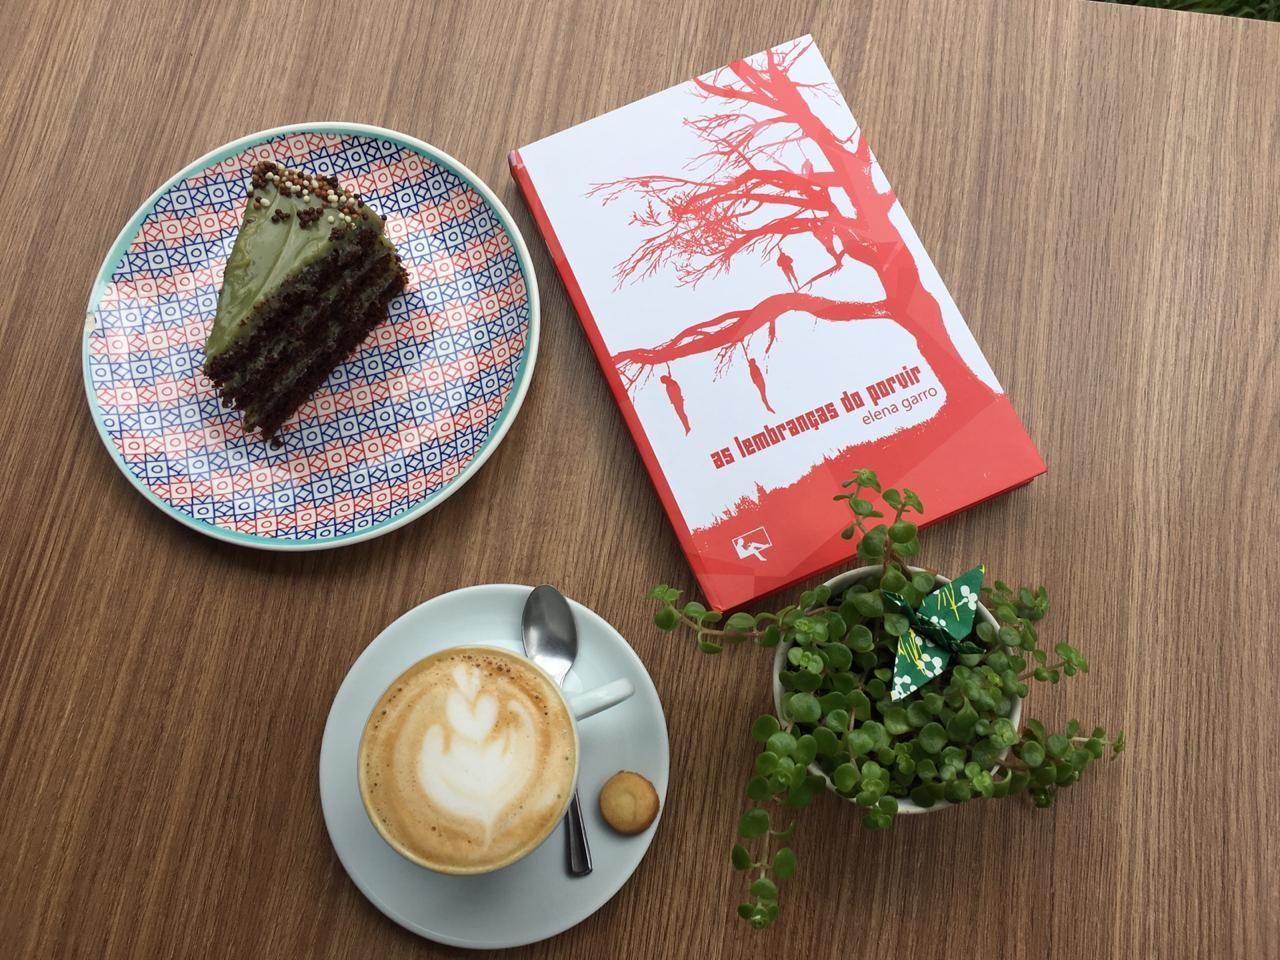 Café e leitura: novo cardápio Arte & Letra. Foto: divulgação.